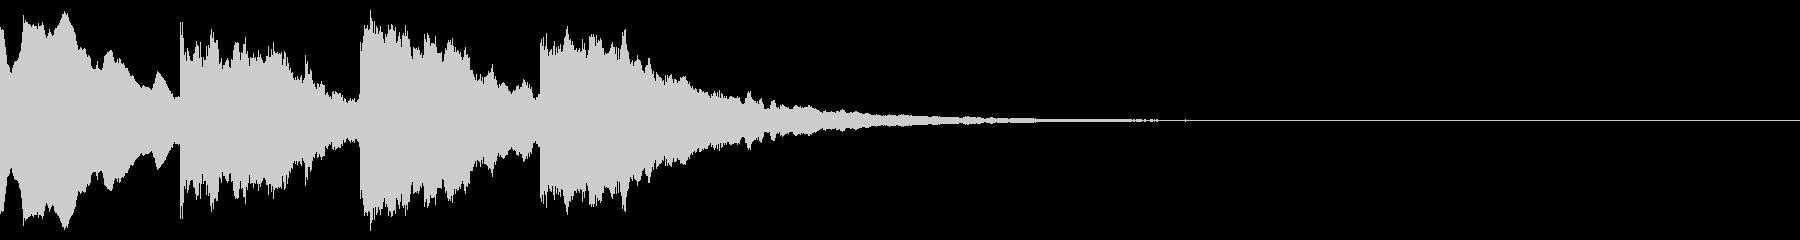 チャイム音(ハイテンション)の未再生の波形